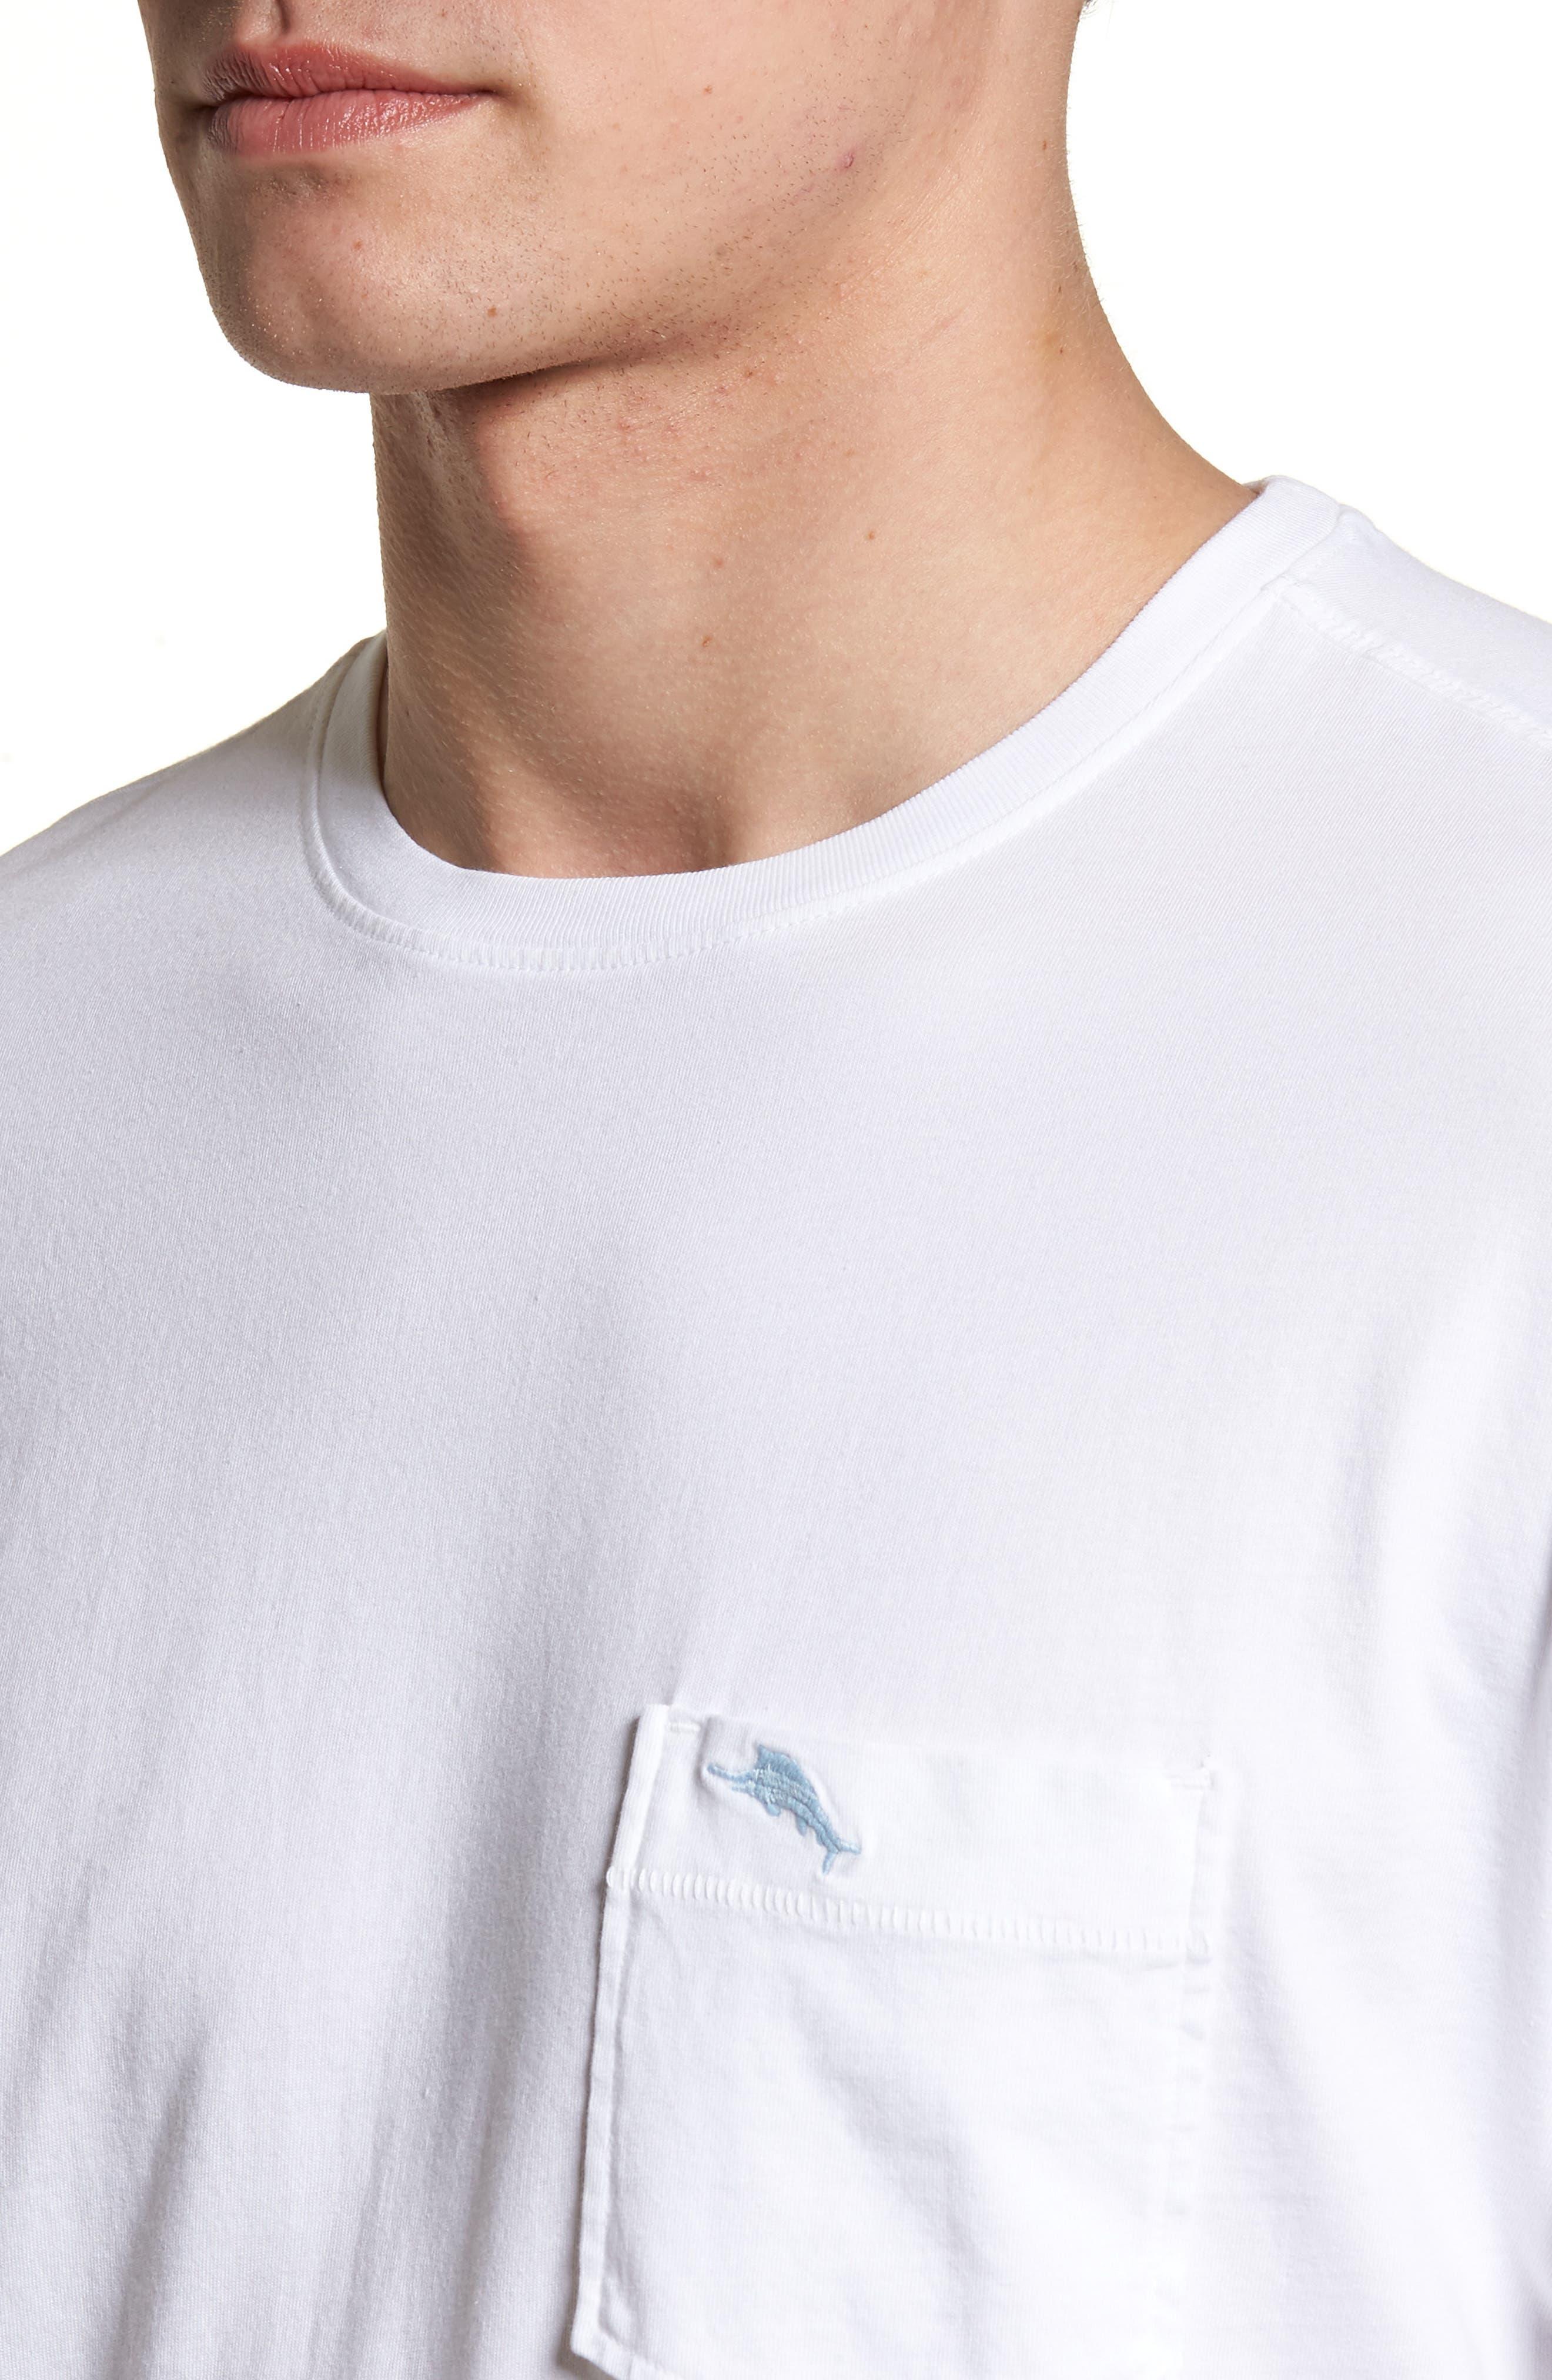 New Bali Skyline T-Shirt,                             Alternate thumbnail 4, color,                             White